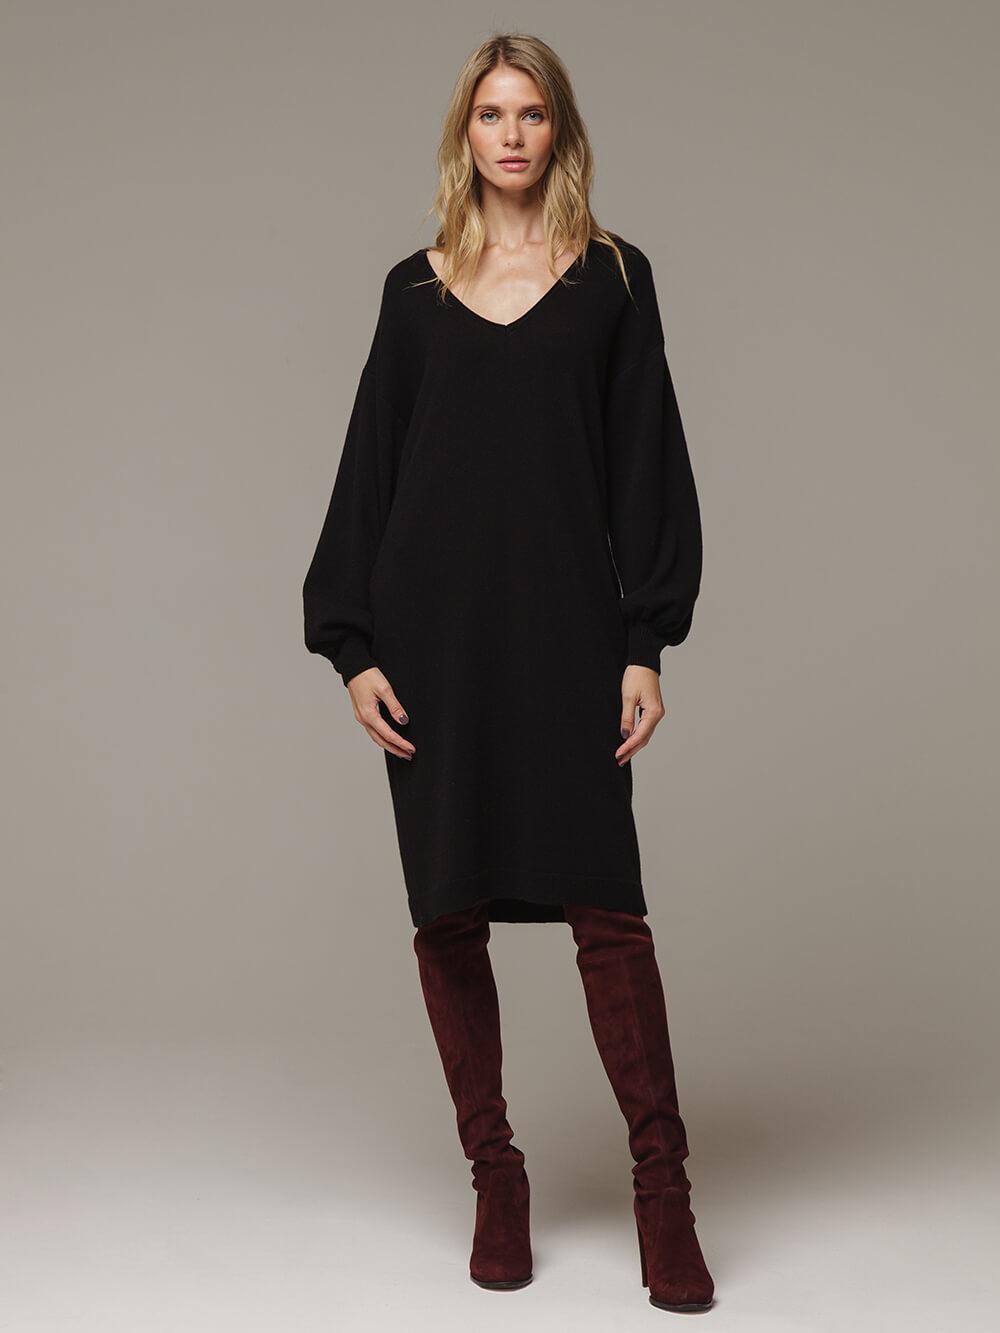 Женское черное платье с V-образным вырезом и объемными рукавами из 100% кашемира - фото 1